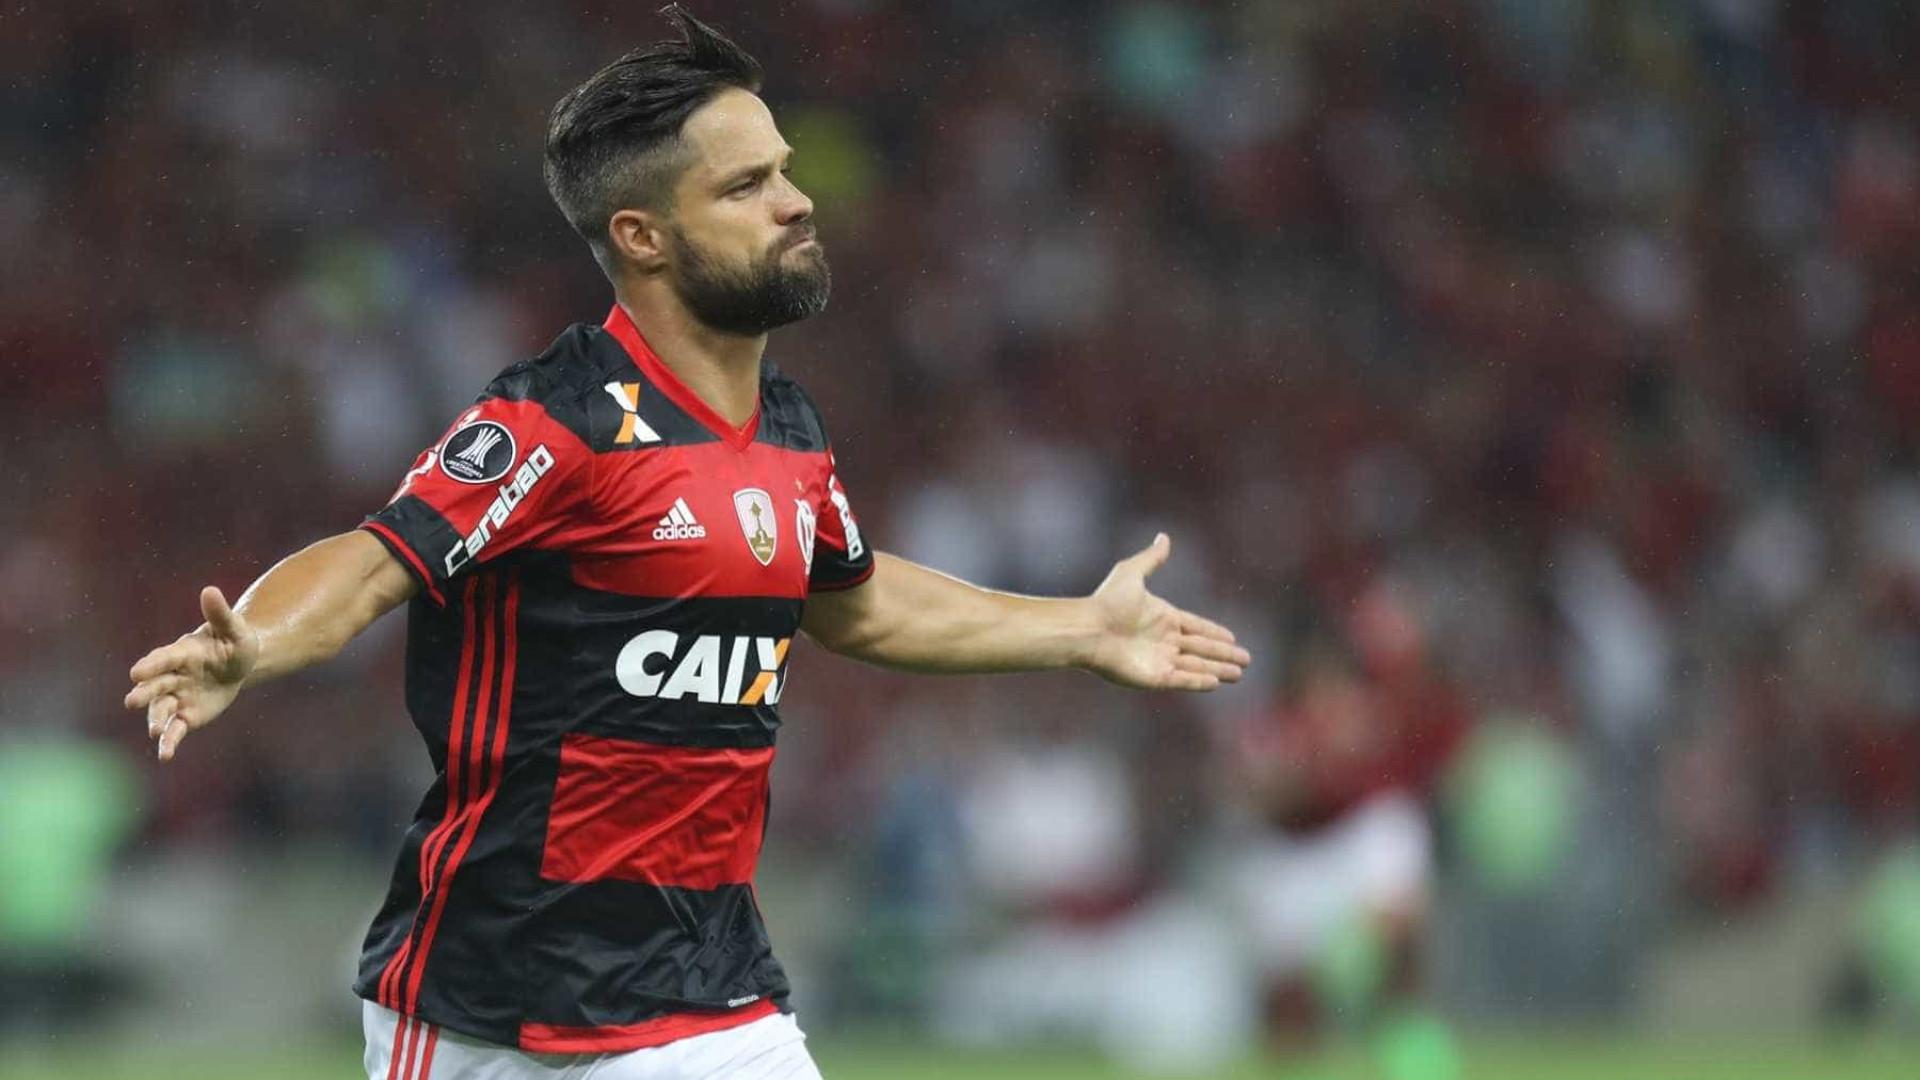 Diego será operado e vai desfalcar o Flamengo por dois meses